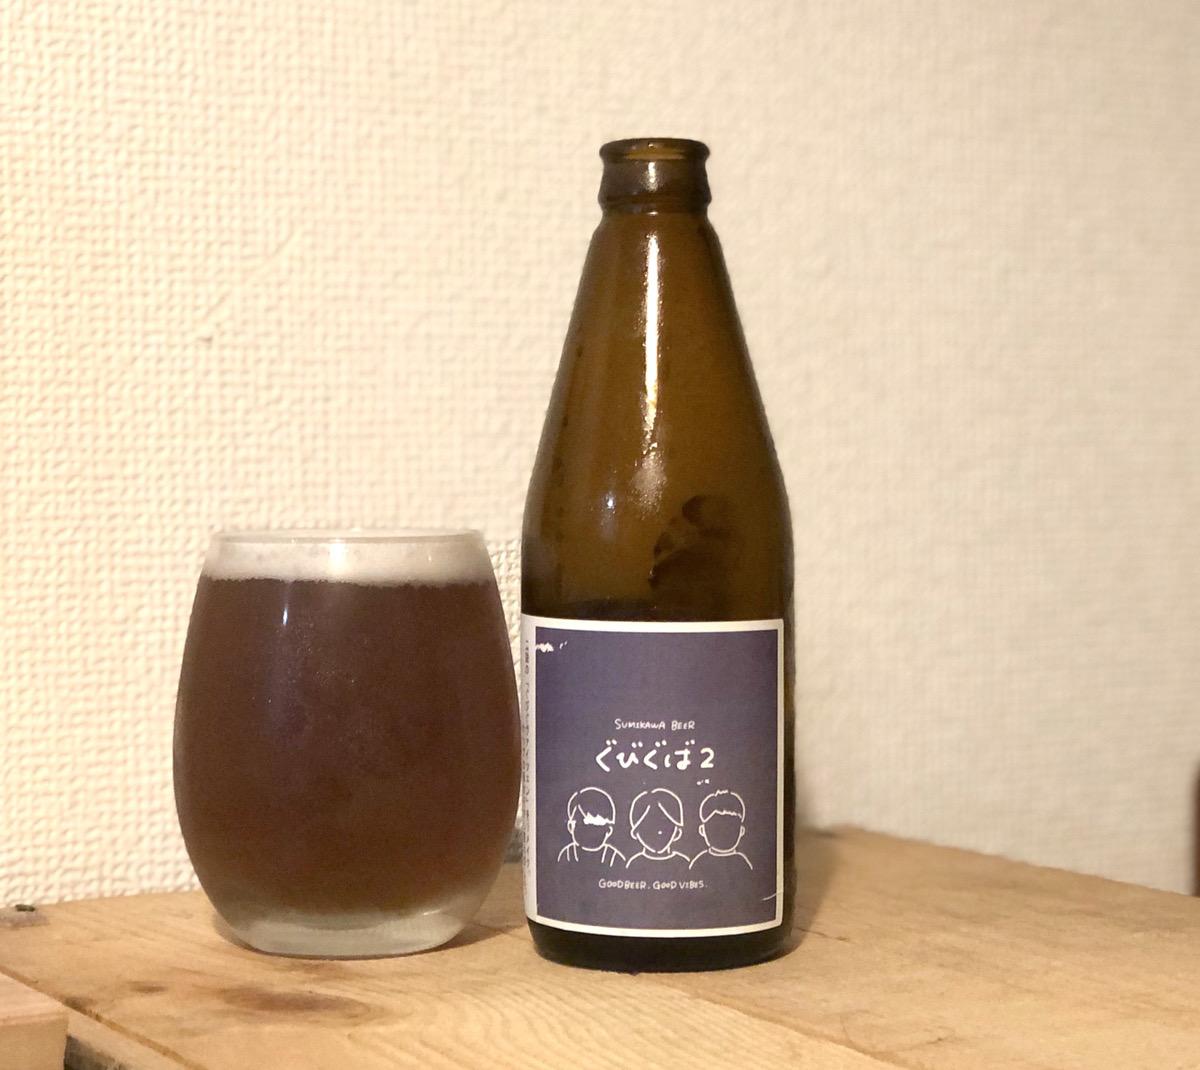 【お酒のハナシをしよう】バナナや白桃のような香りのクラフトビール、澄川麦酒醸造 vol.1